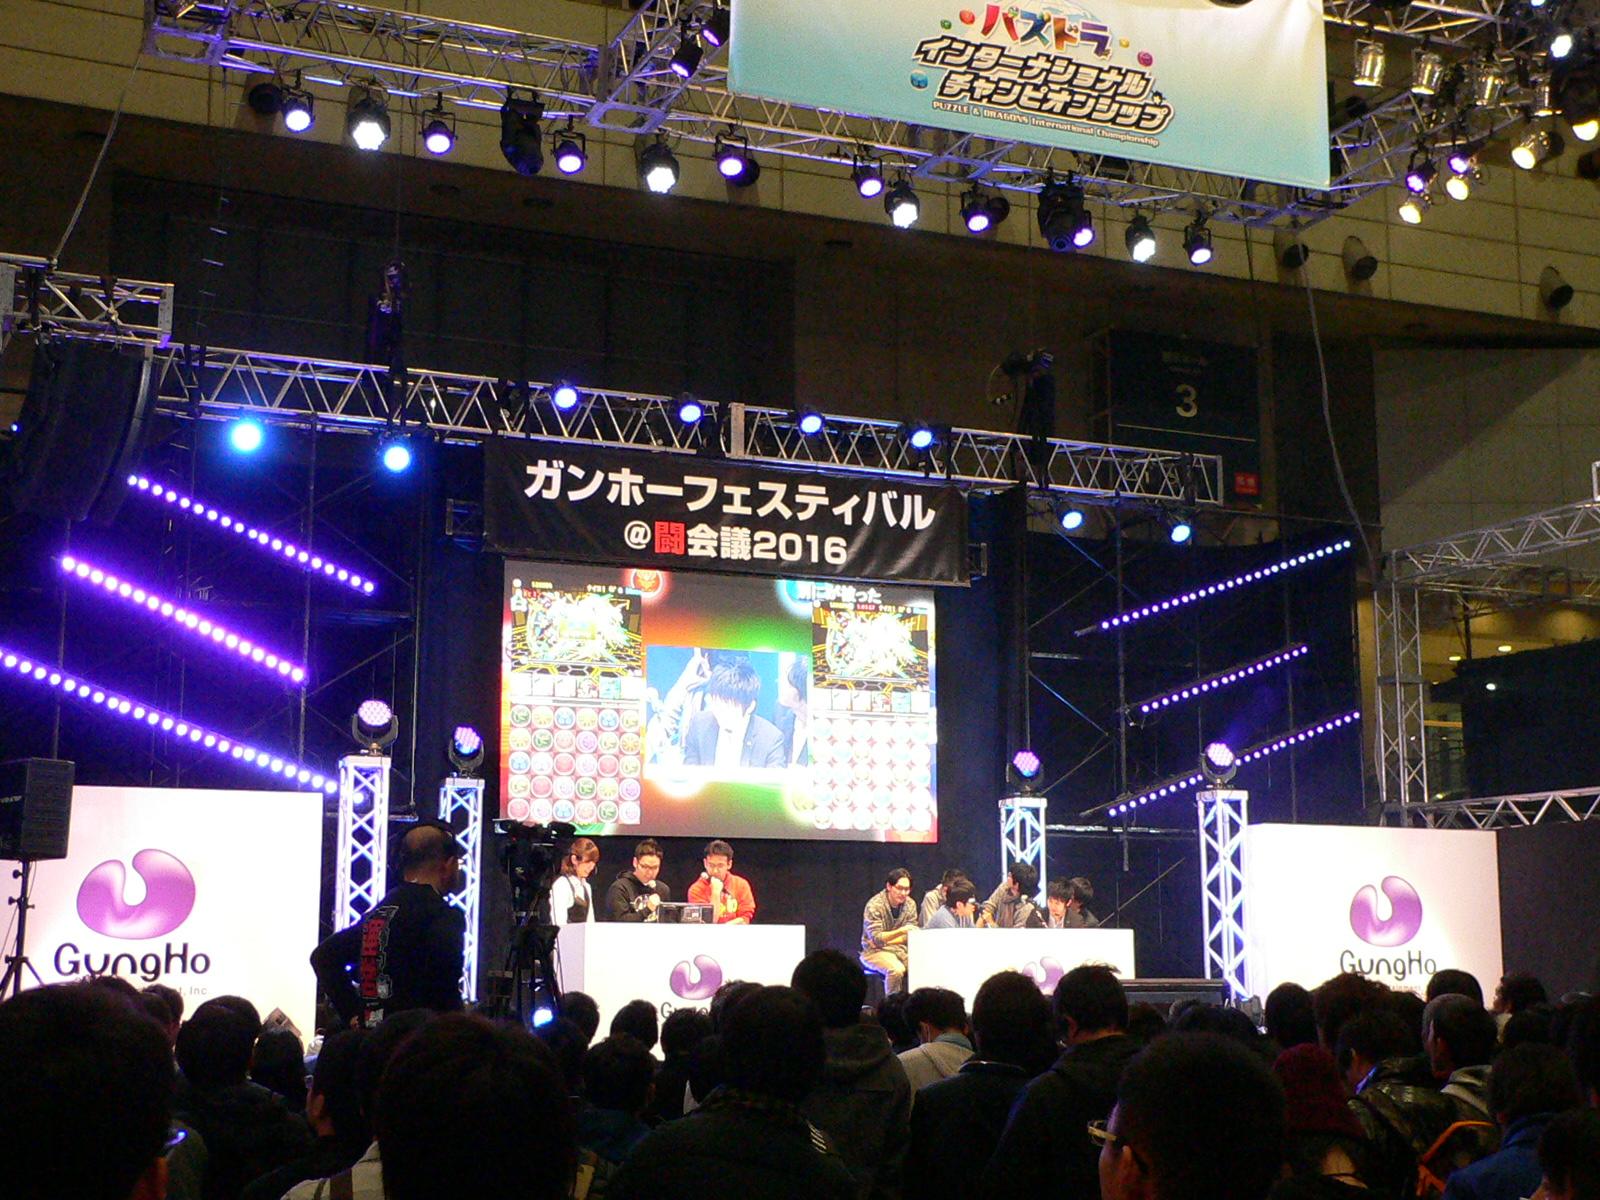 闘会議2016-news20160226-2.JPG